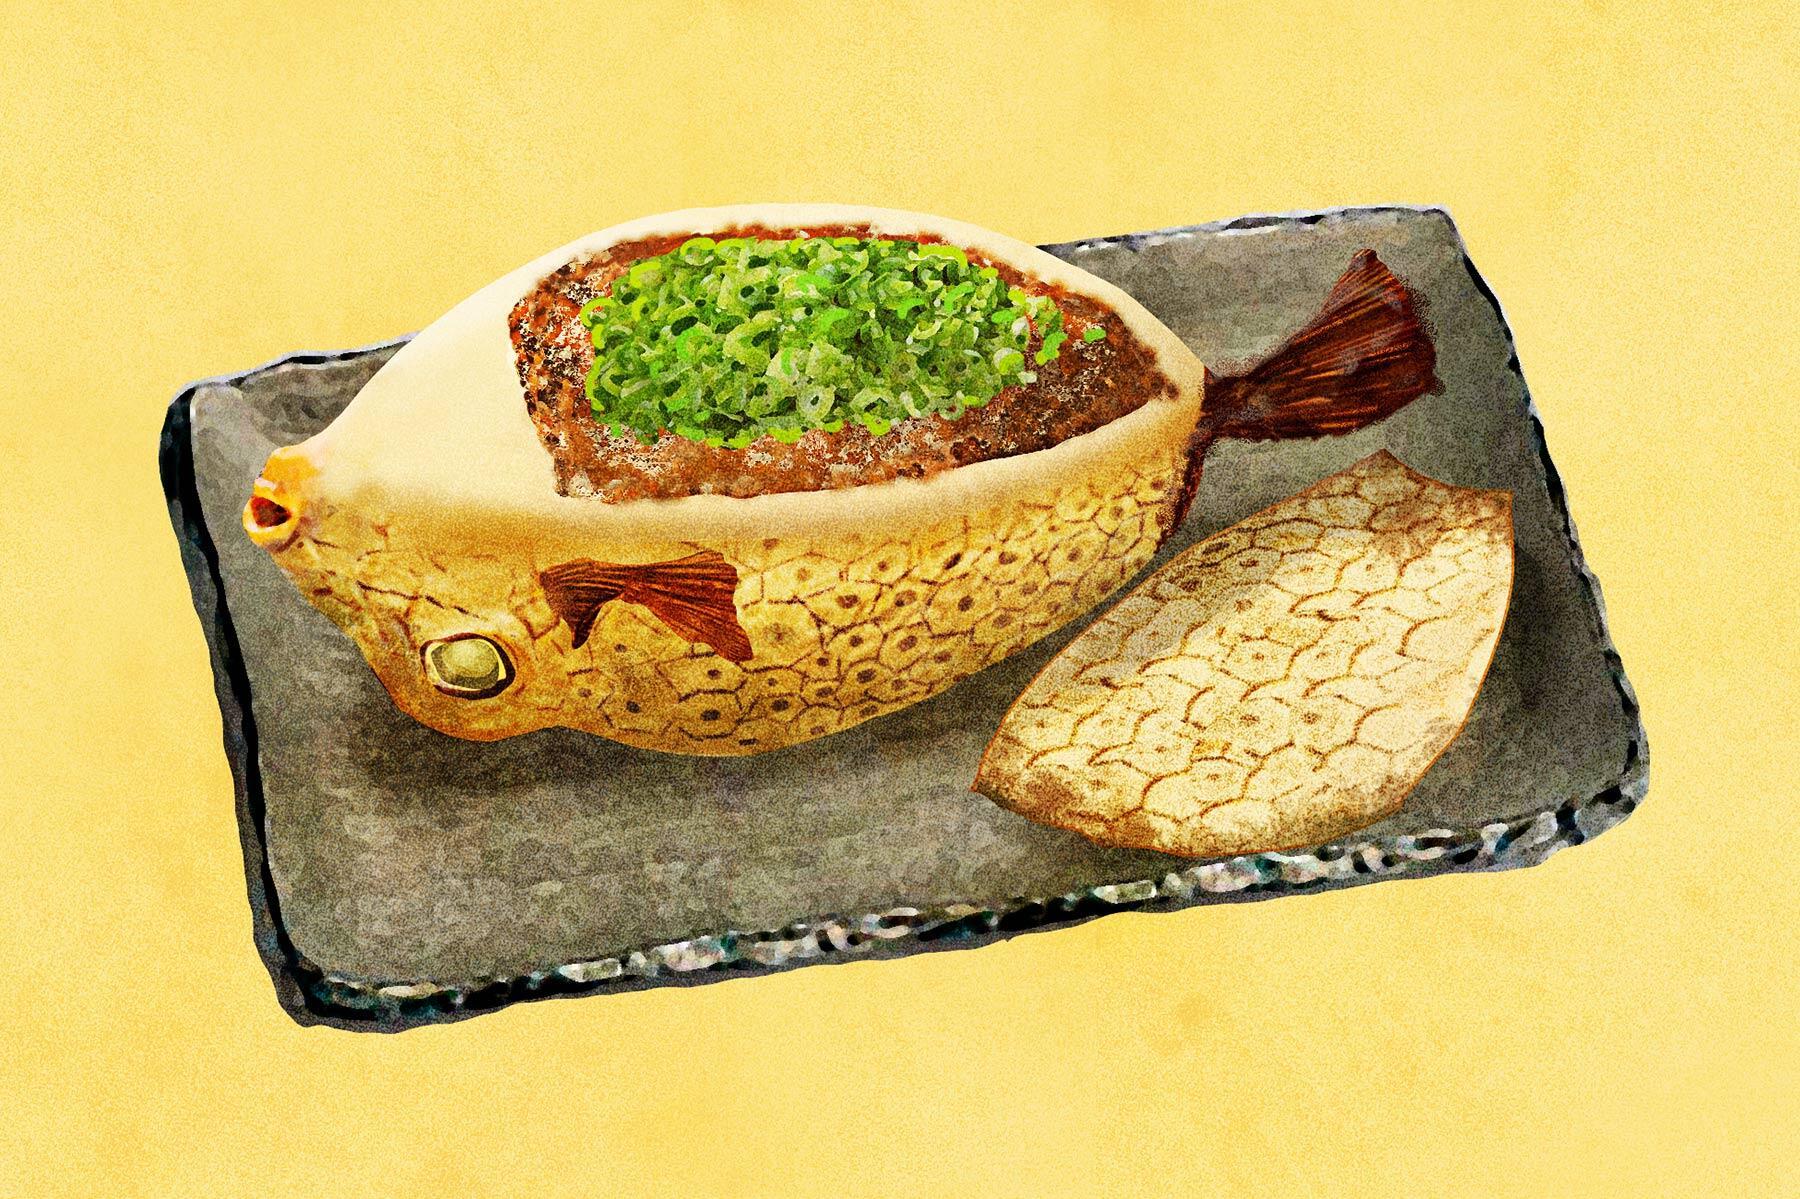 四角くて硬いまくらのような魚とは?|怪魚の食卓⑬ | 怪魚の食卓 | 【公式】dancyu (ダンチュウ)